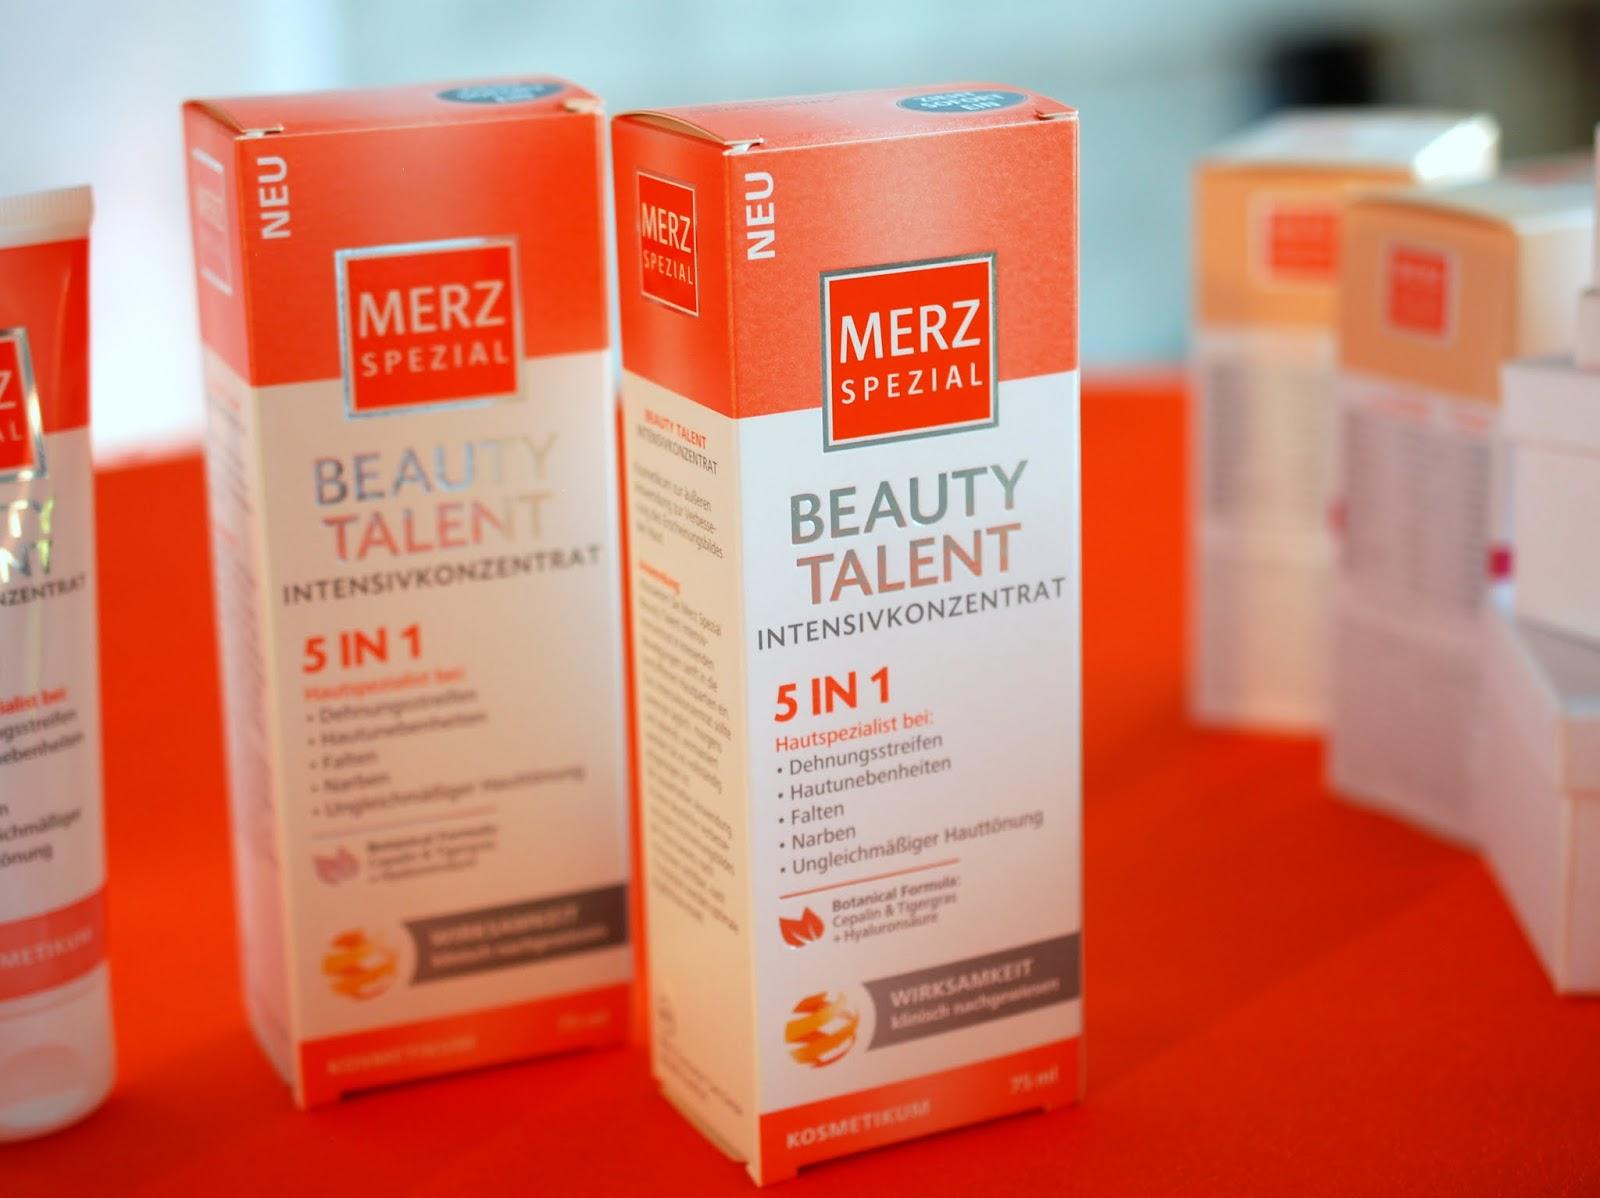 Merz Spezial Beauty Talent Intensivkonzentrat 5in1